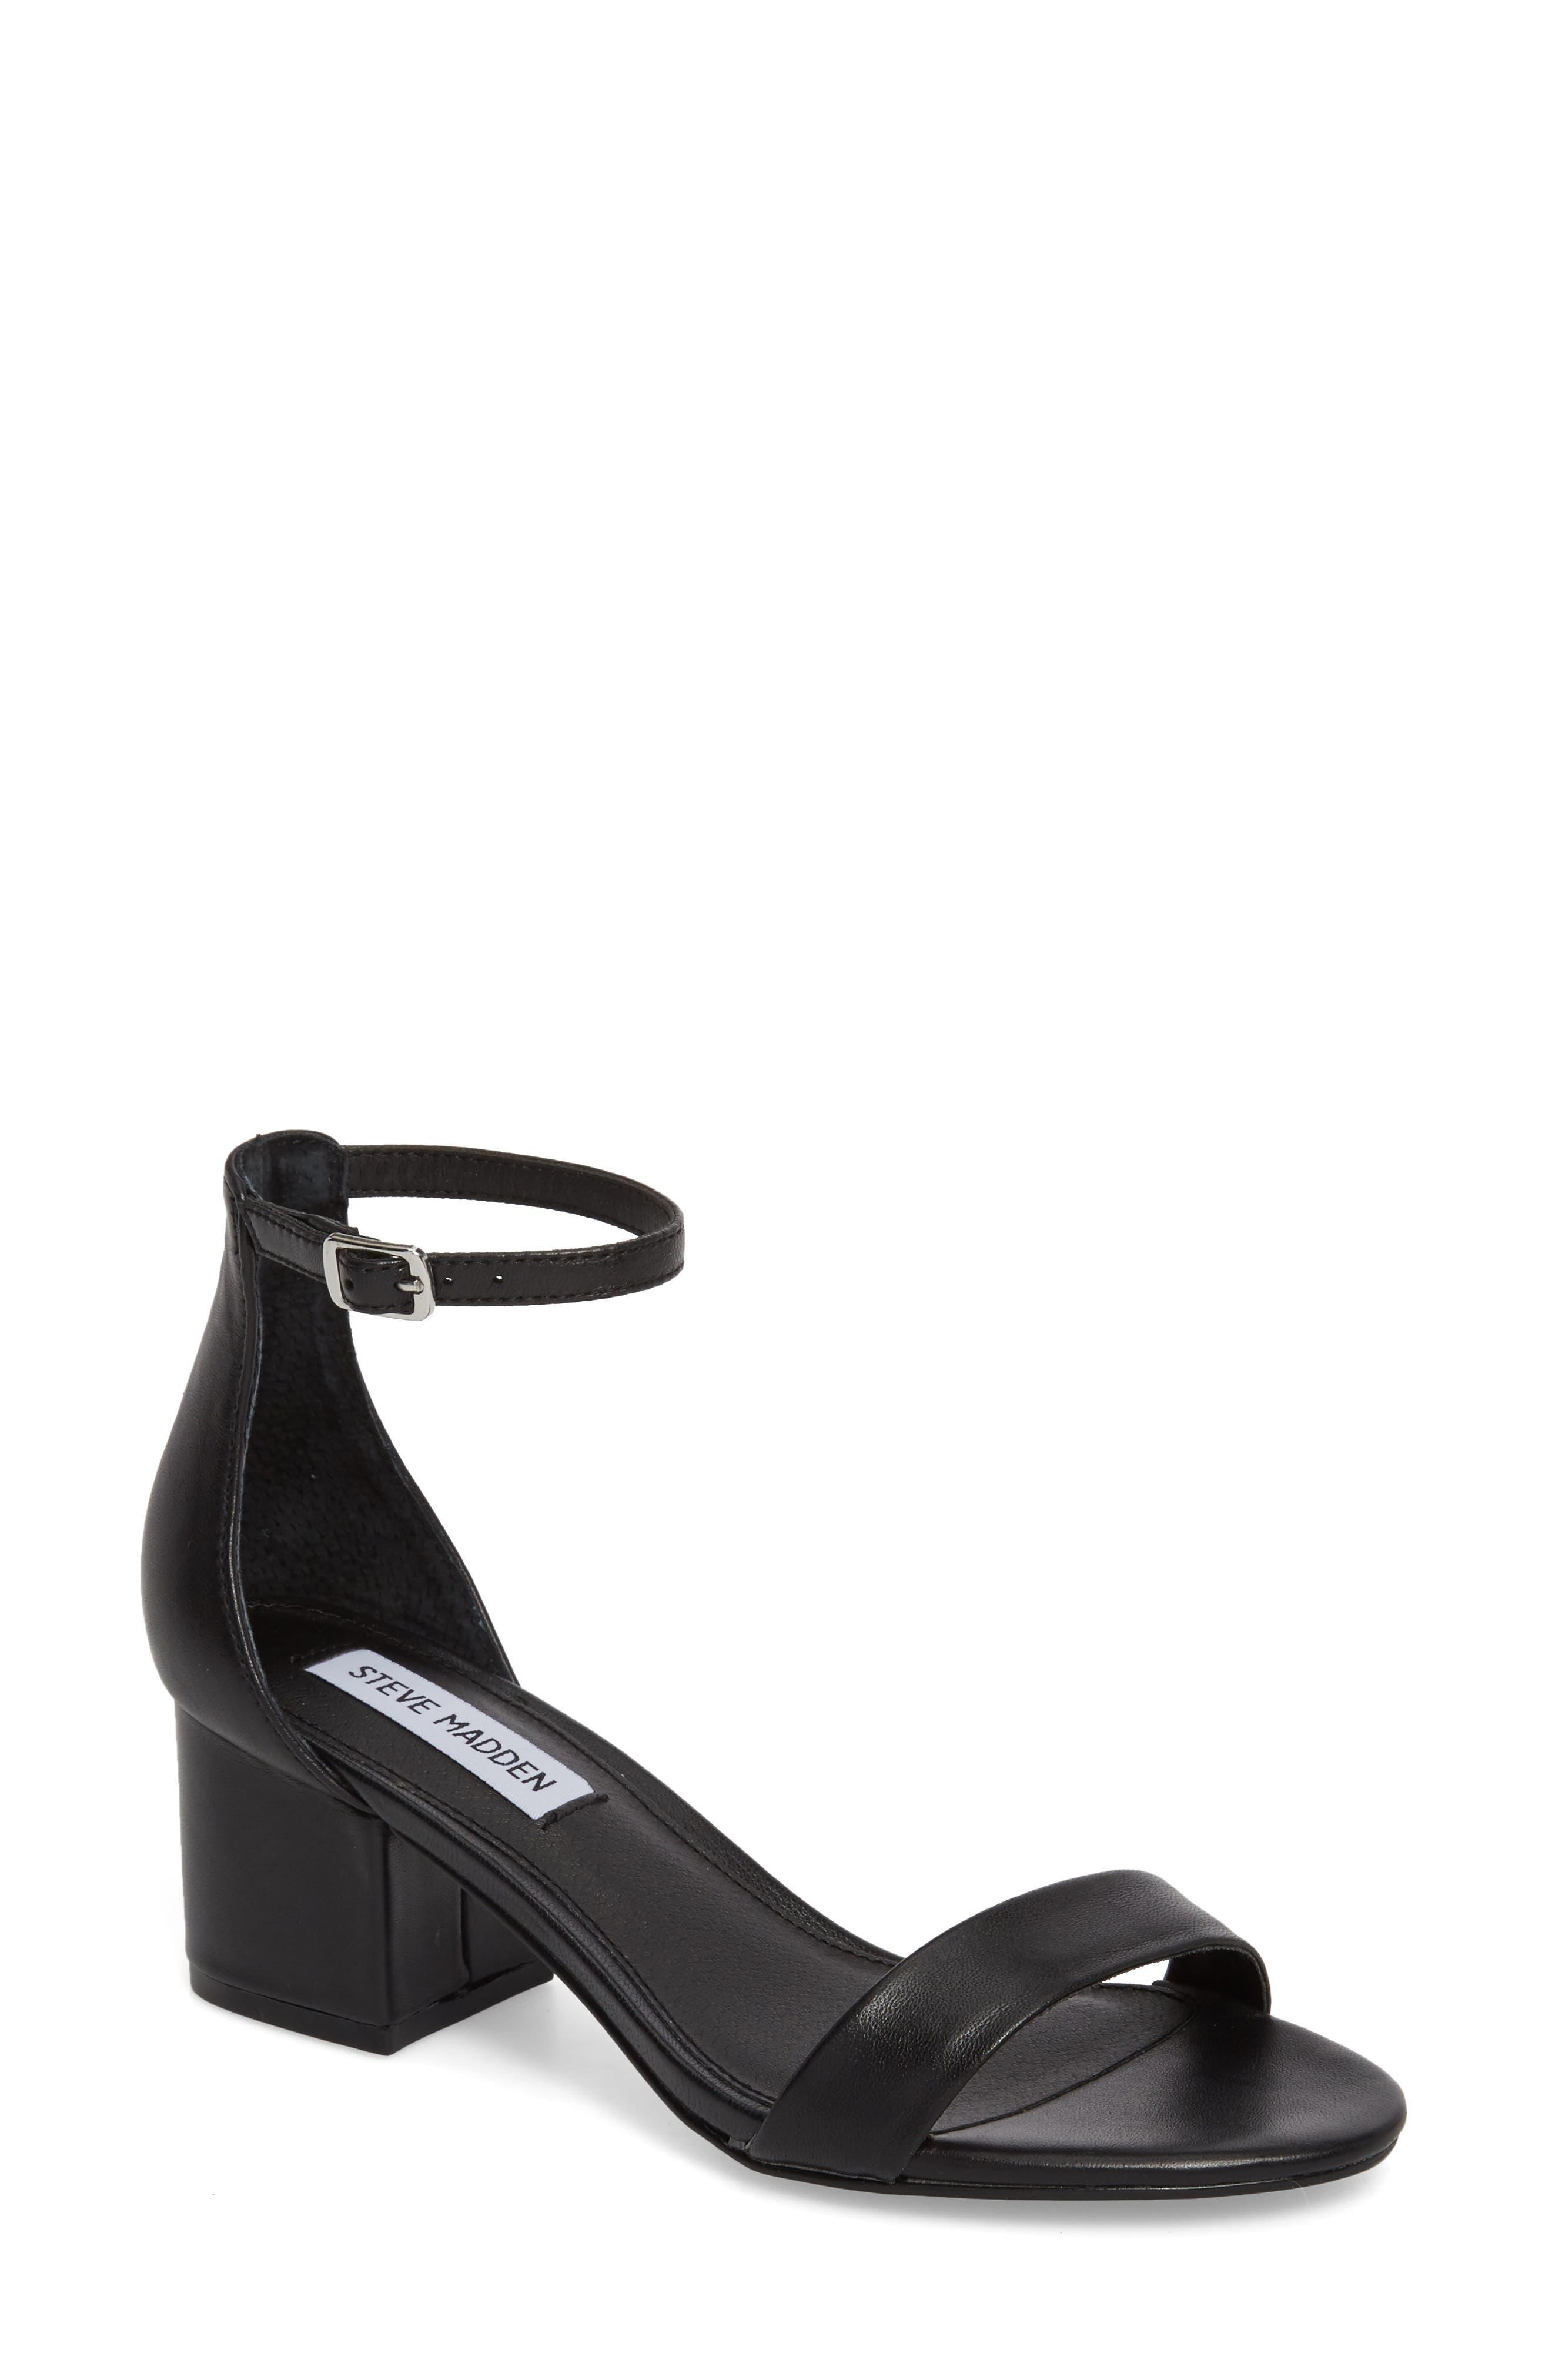 STEVE MADDEN Irenee Ankle Strap Sandal, Main, color, 001